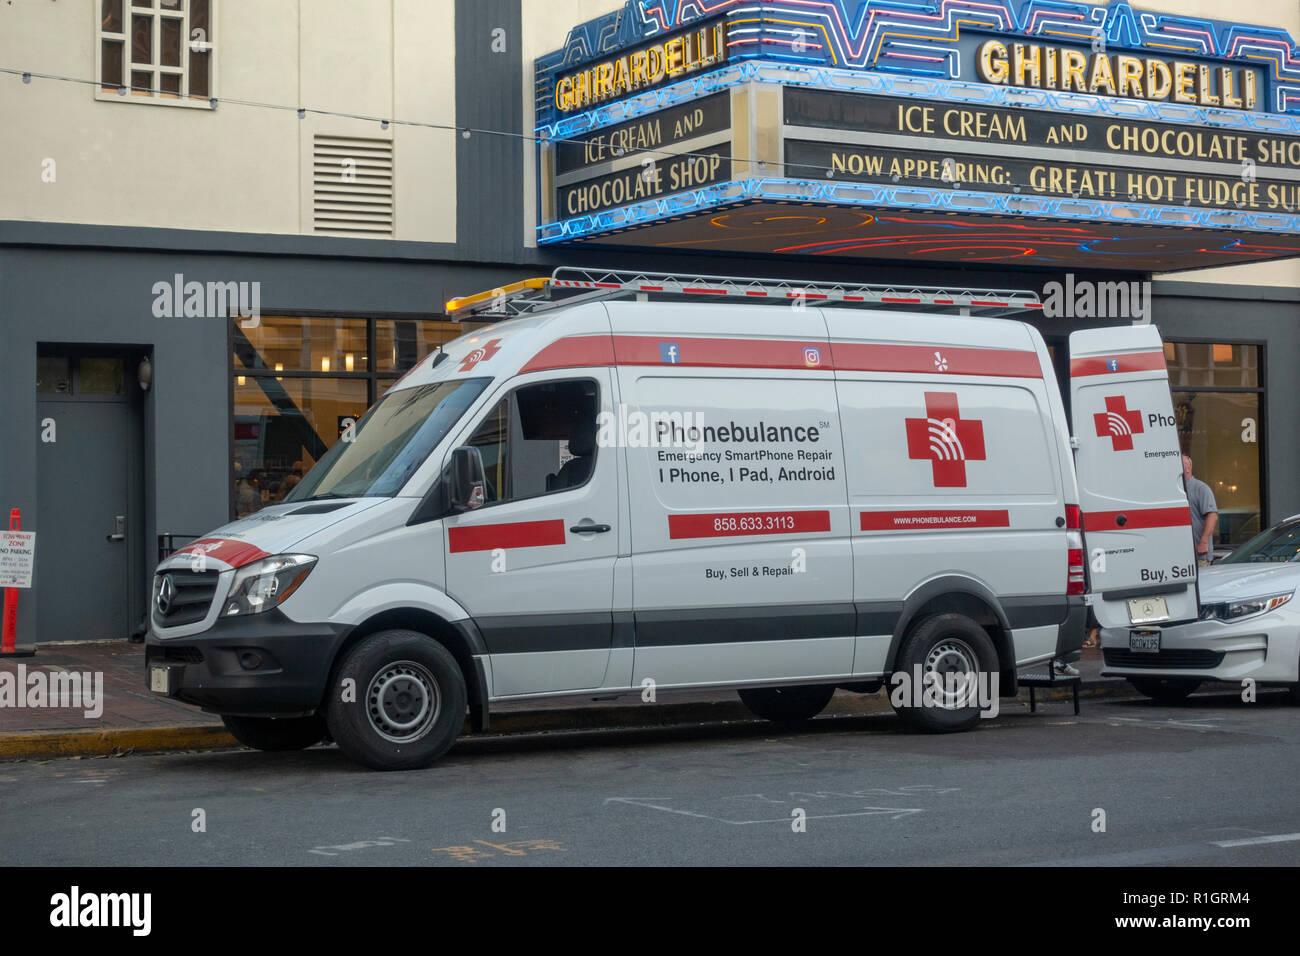 Mobile Repair Van Stock Photos & Mobile Repair Van Stock Images - Alamy